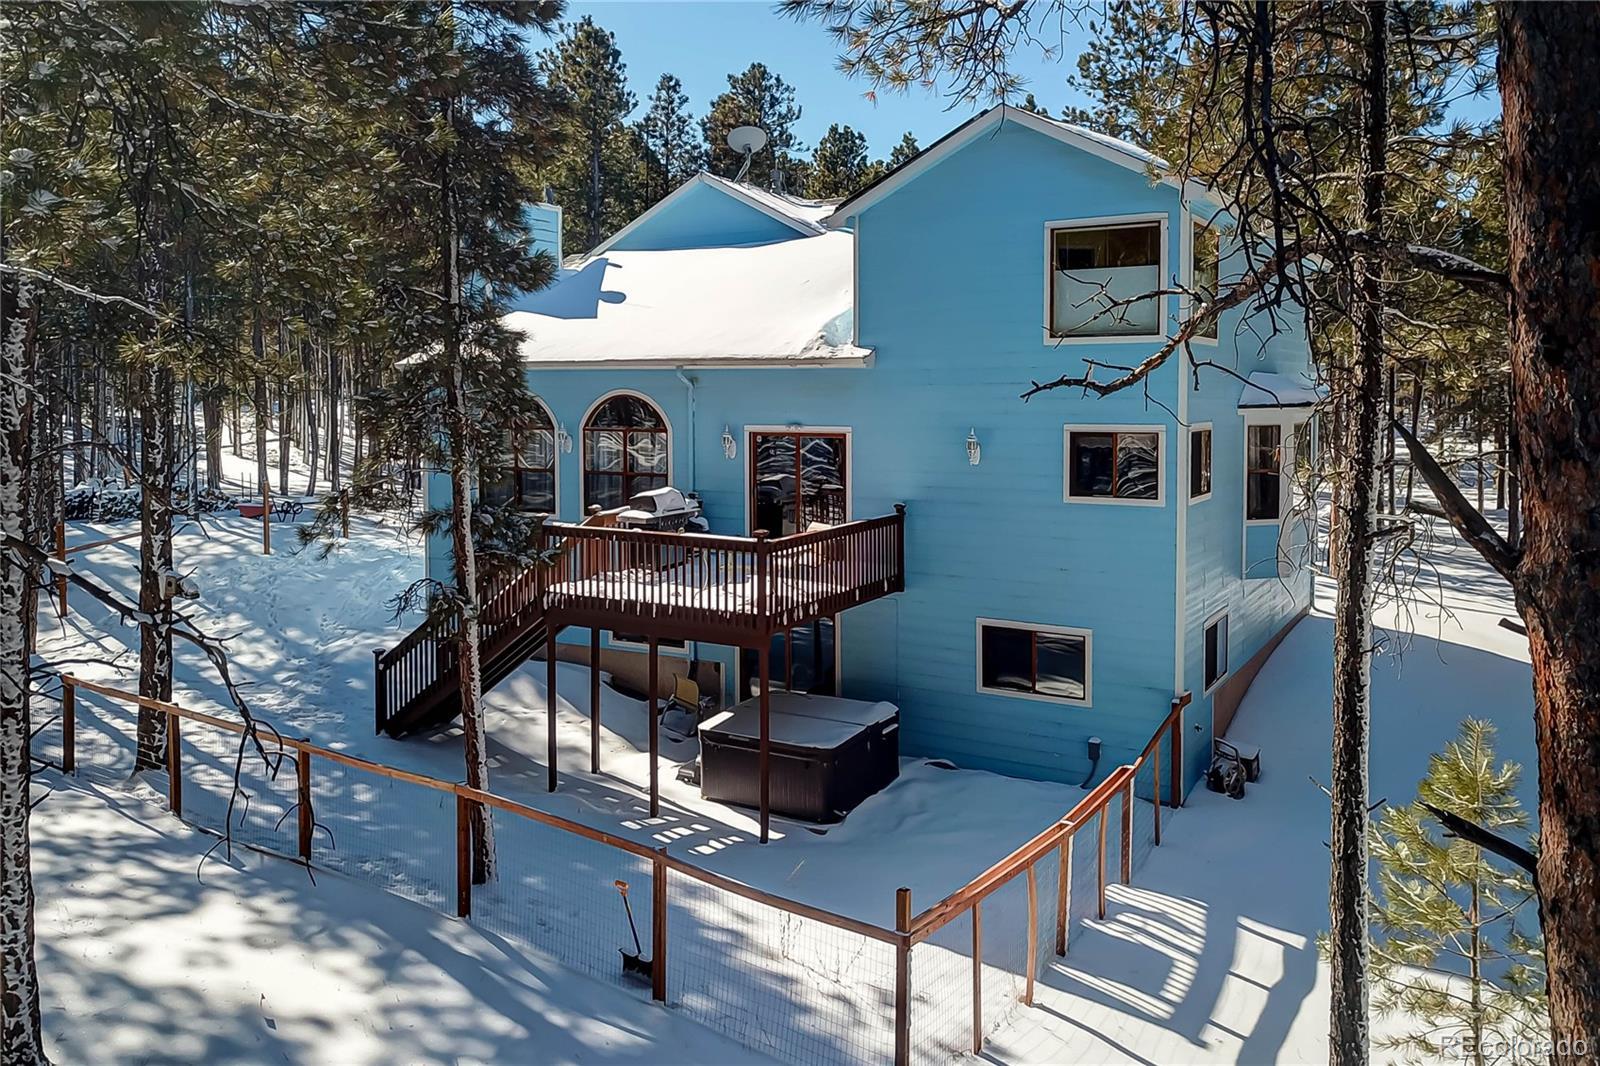 MLS# 9506702 - 34 - 8180 Tannenbaum Road, Colorado Springs, CO 80908